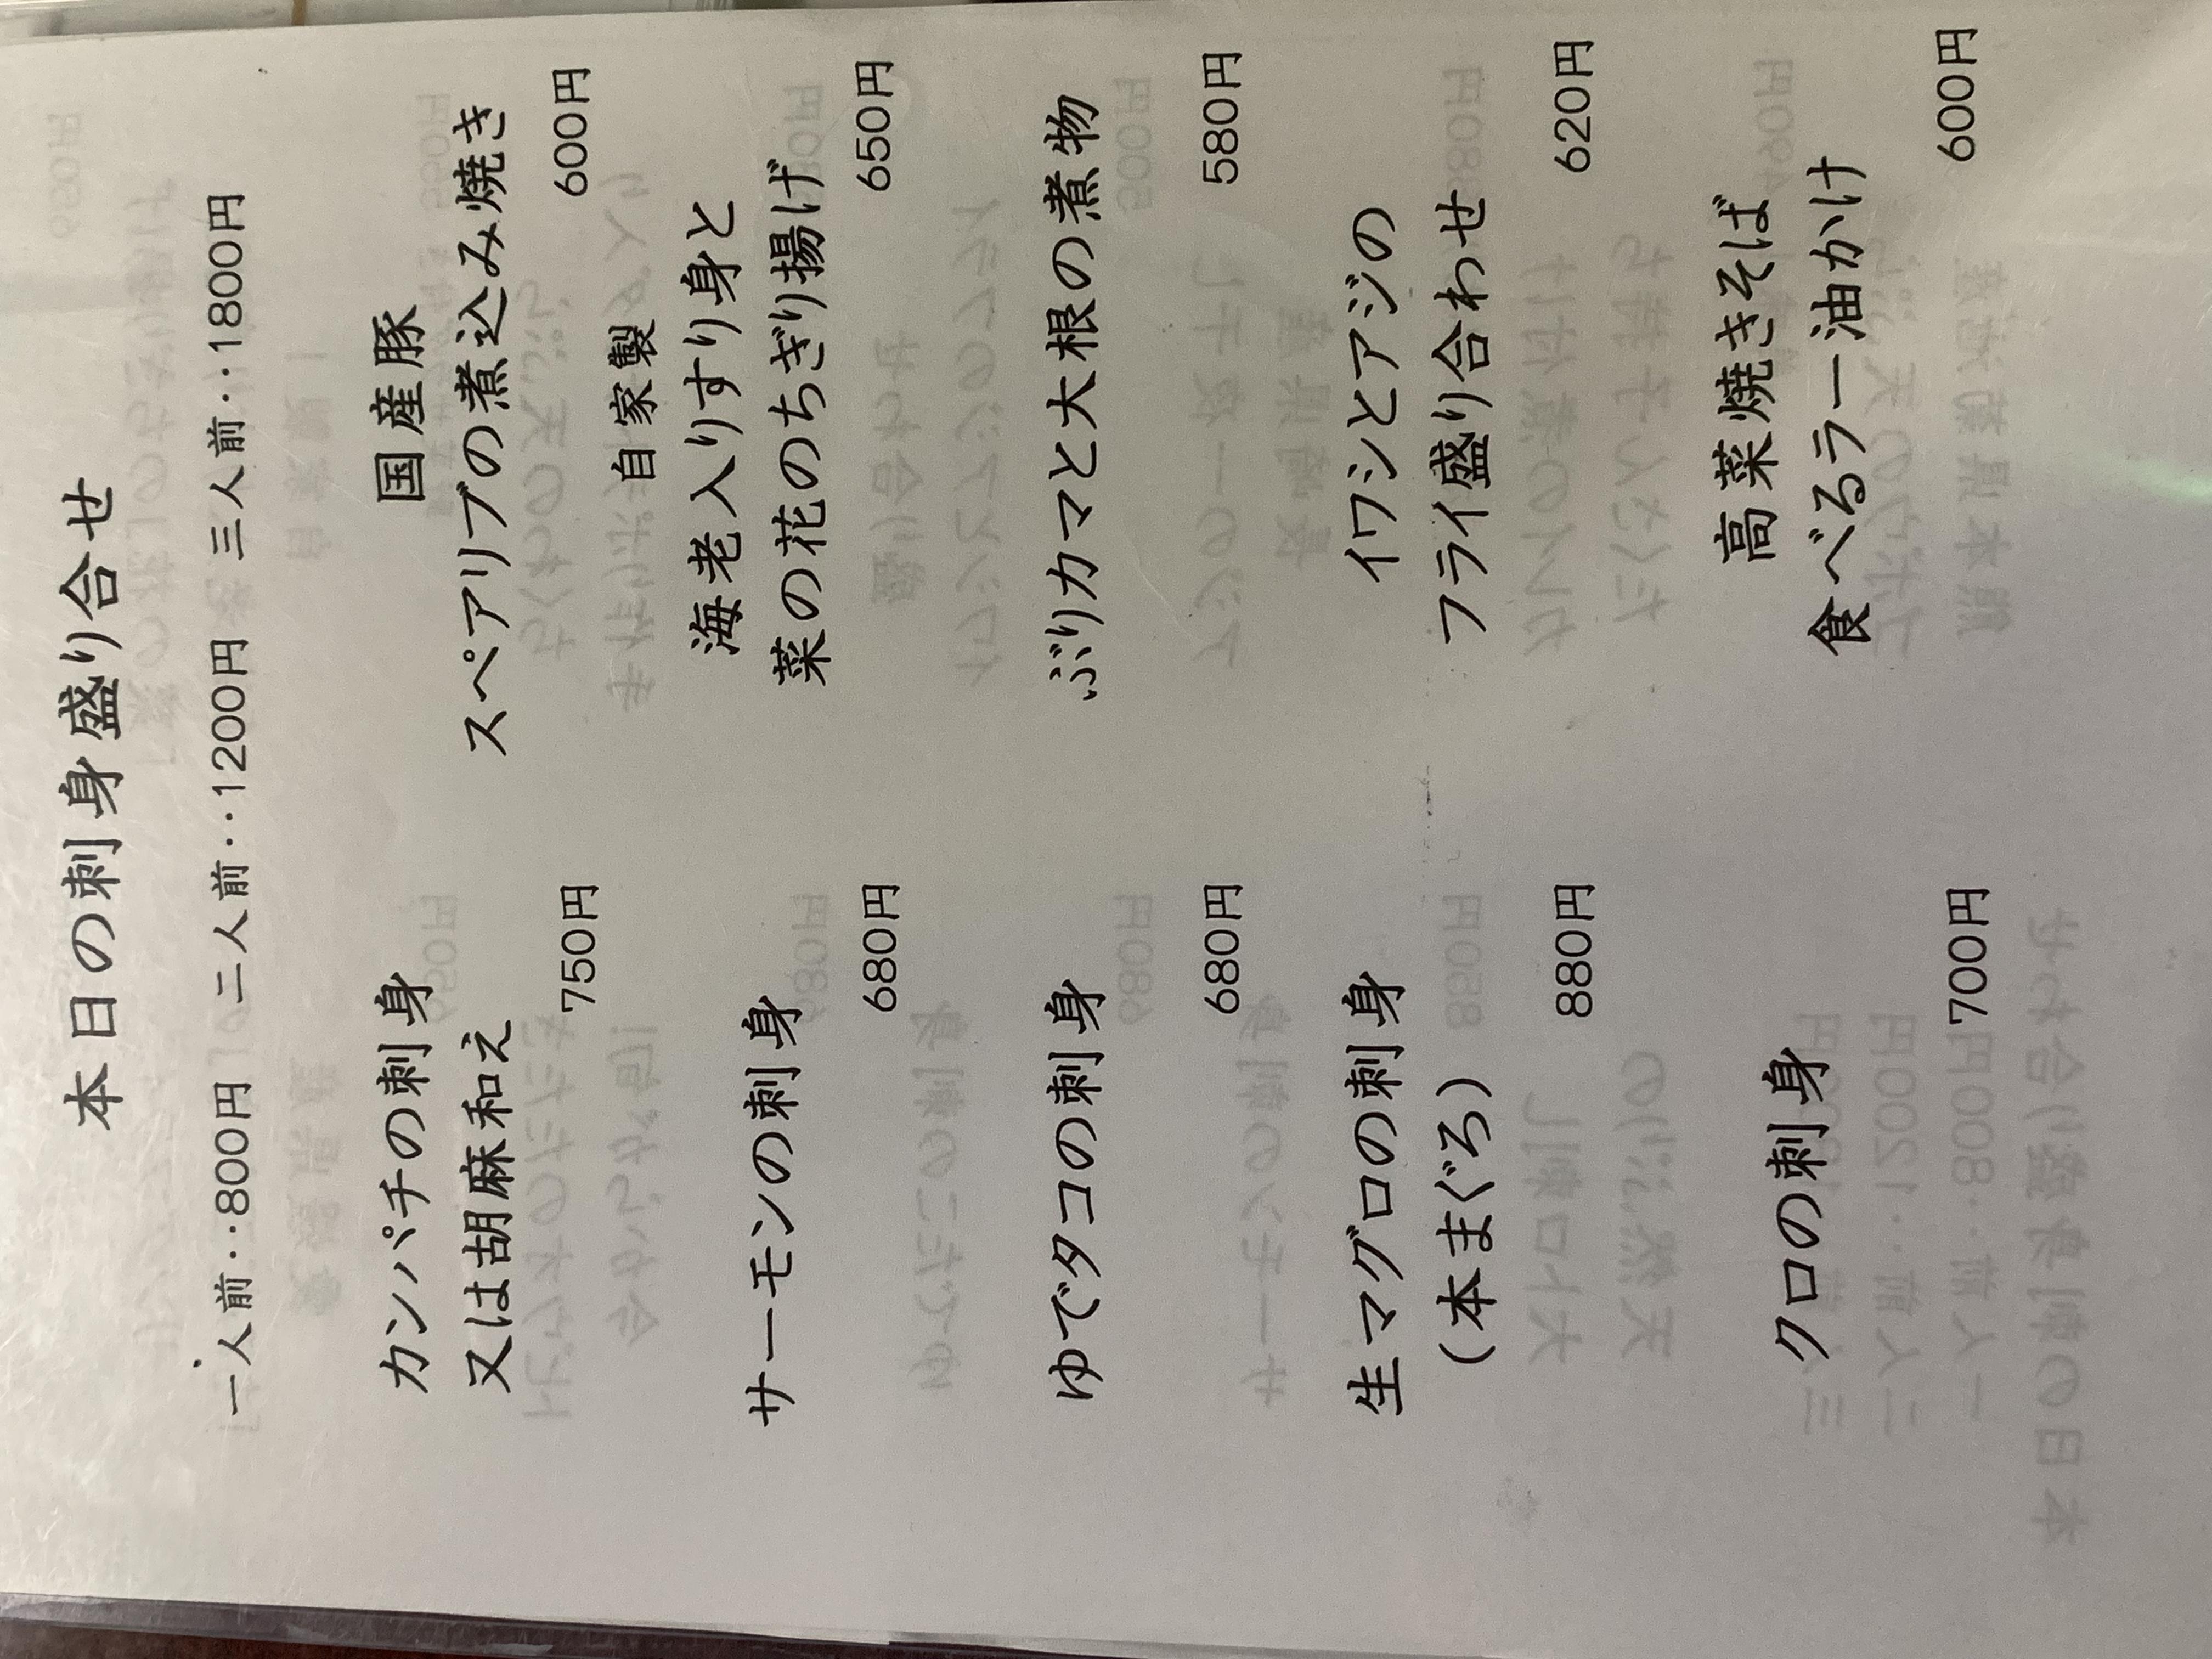 AEB06F36-B666-45EF-ABF0-0F9B2DD89C3D